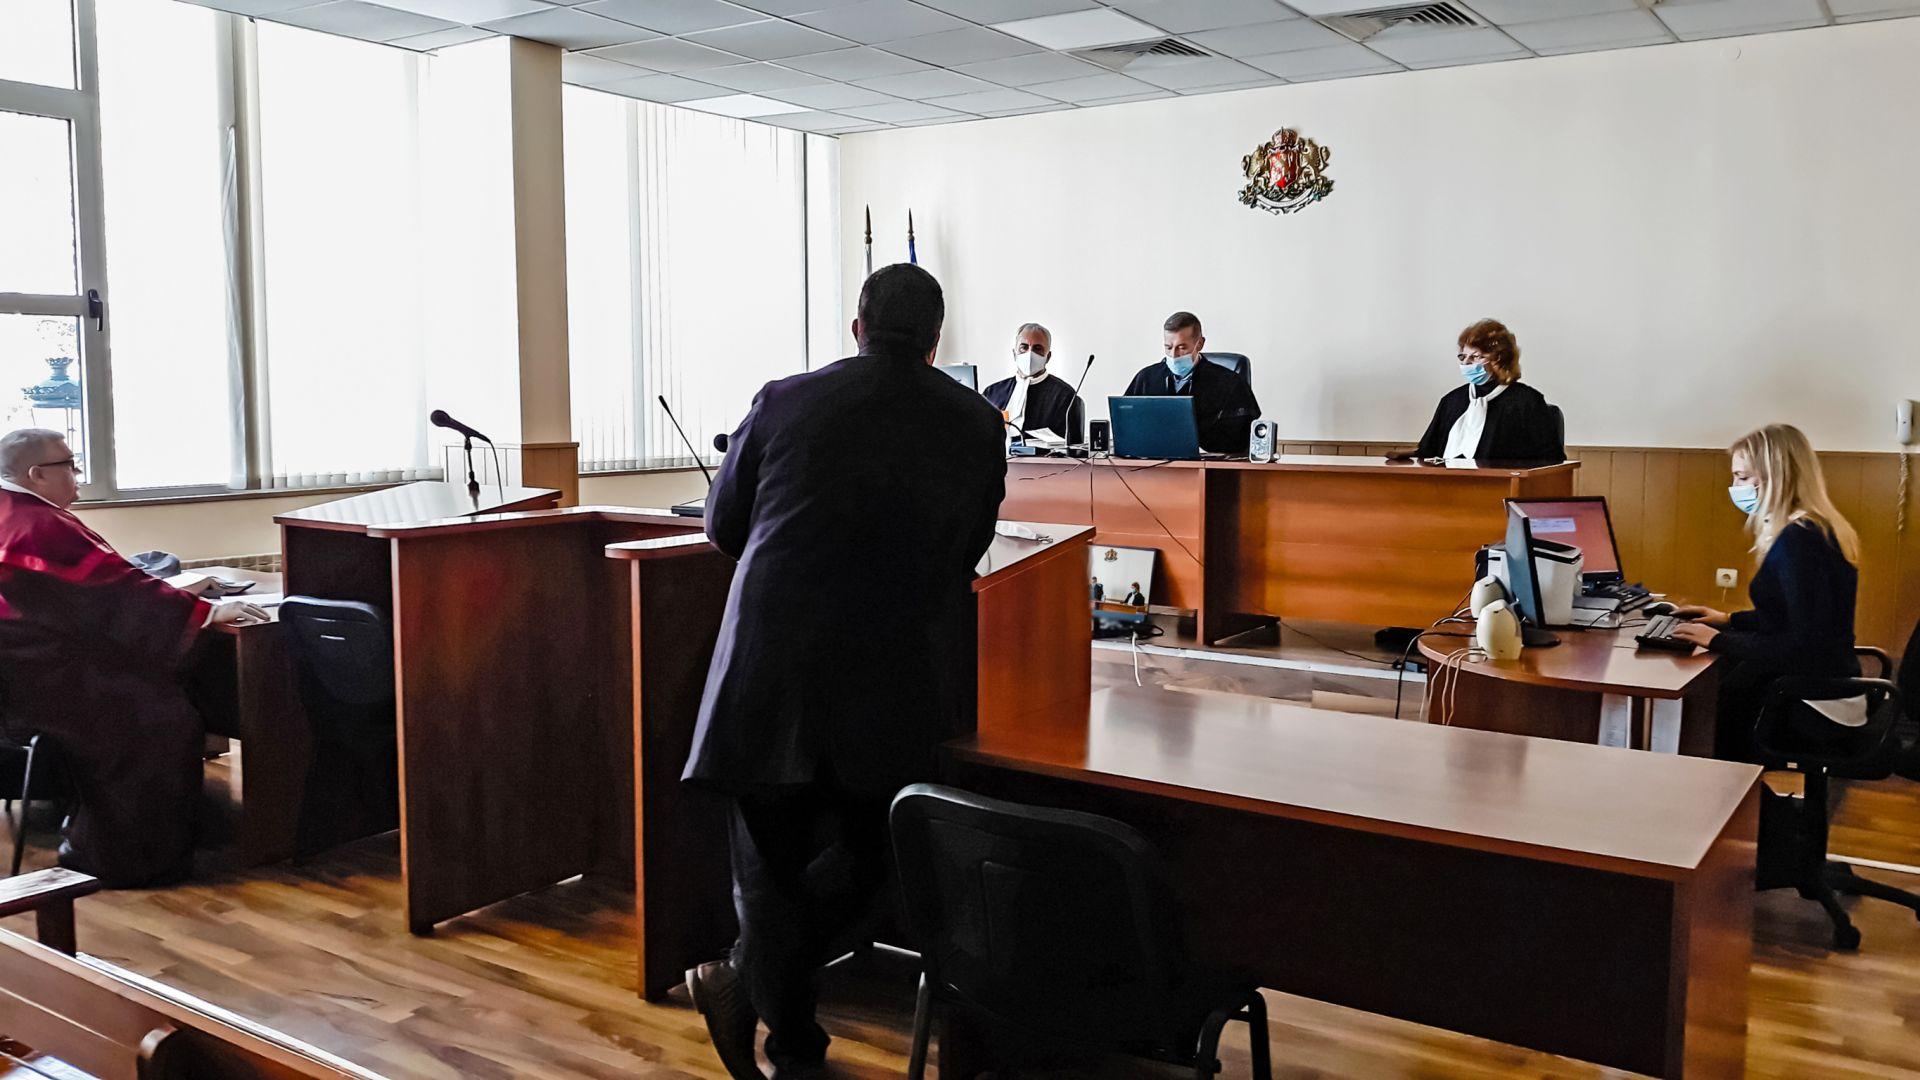 Пловдивските магистрати отказаха да освободят срещу по-лека мярка непълнолетен младеж,